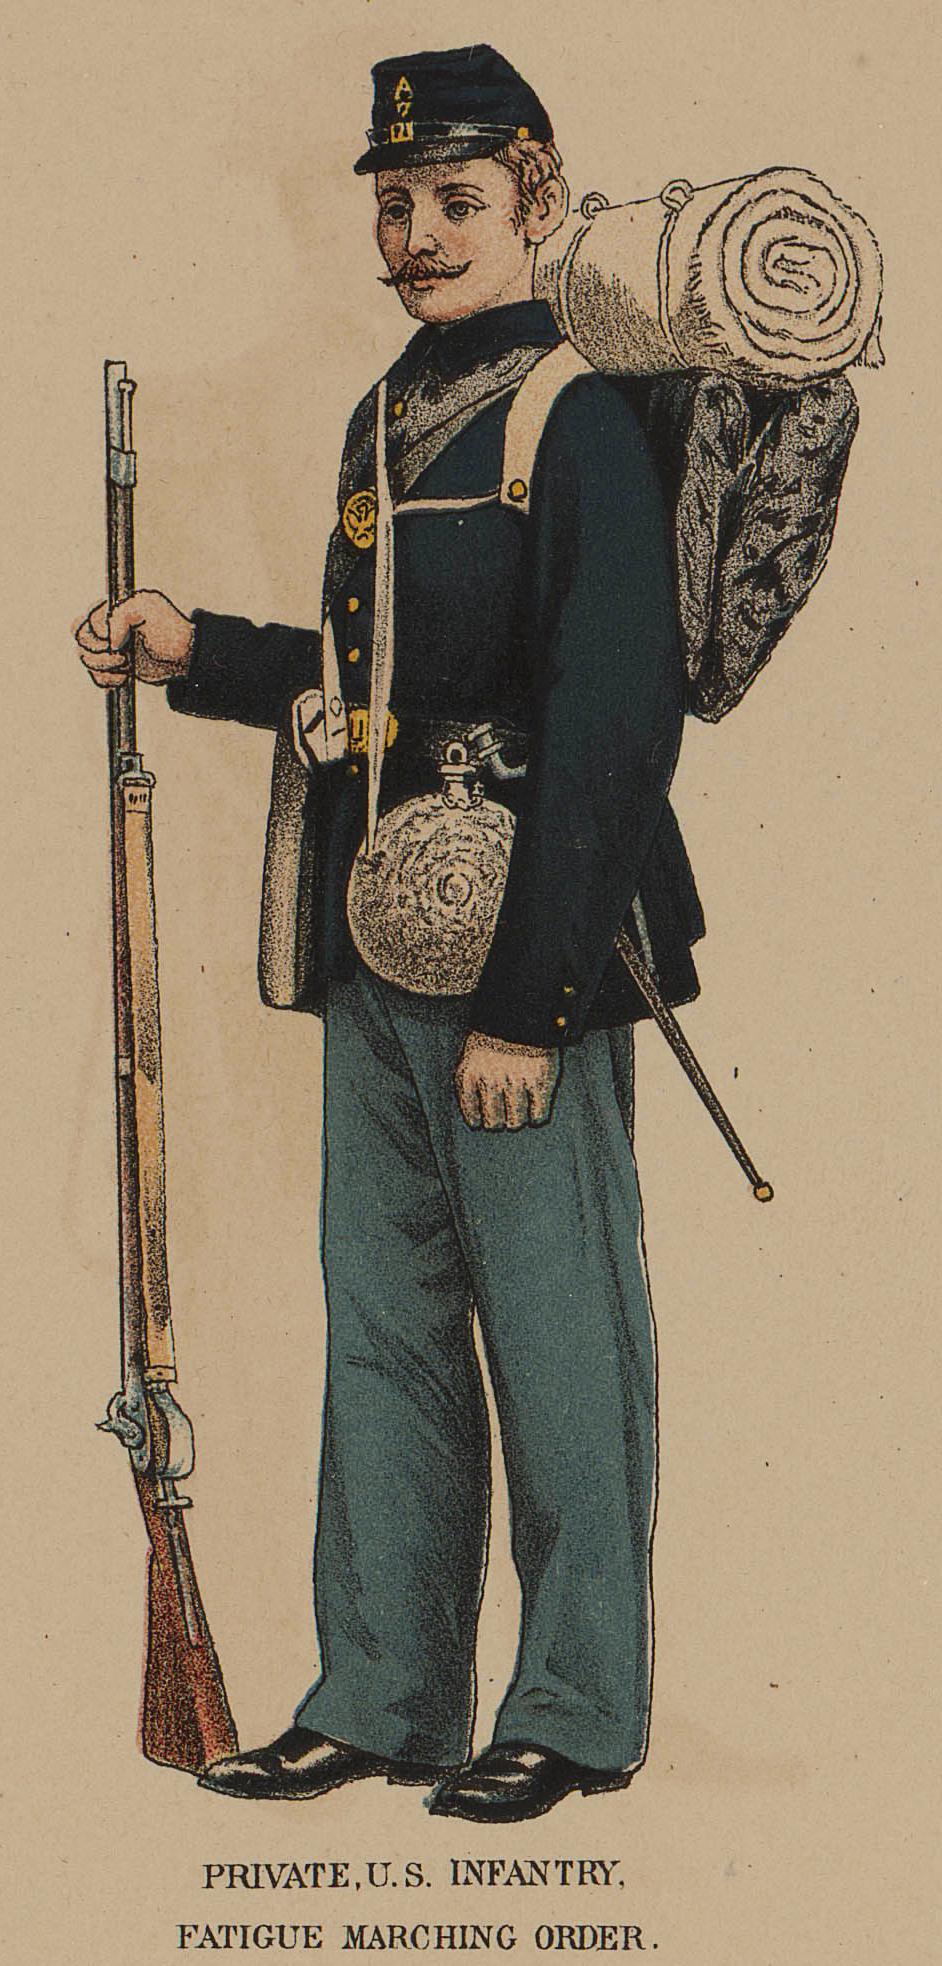 Union Private infantry uniform